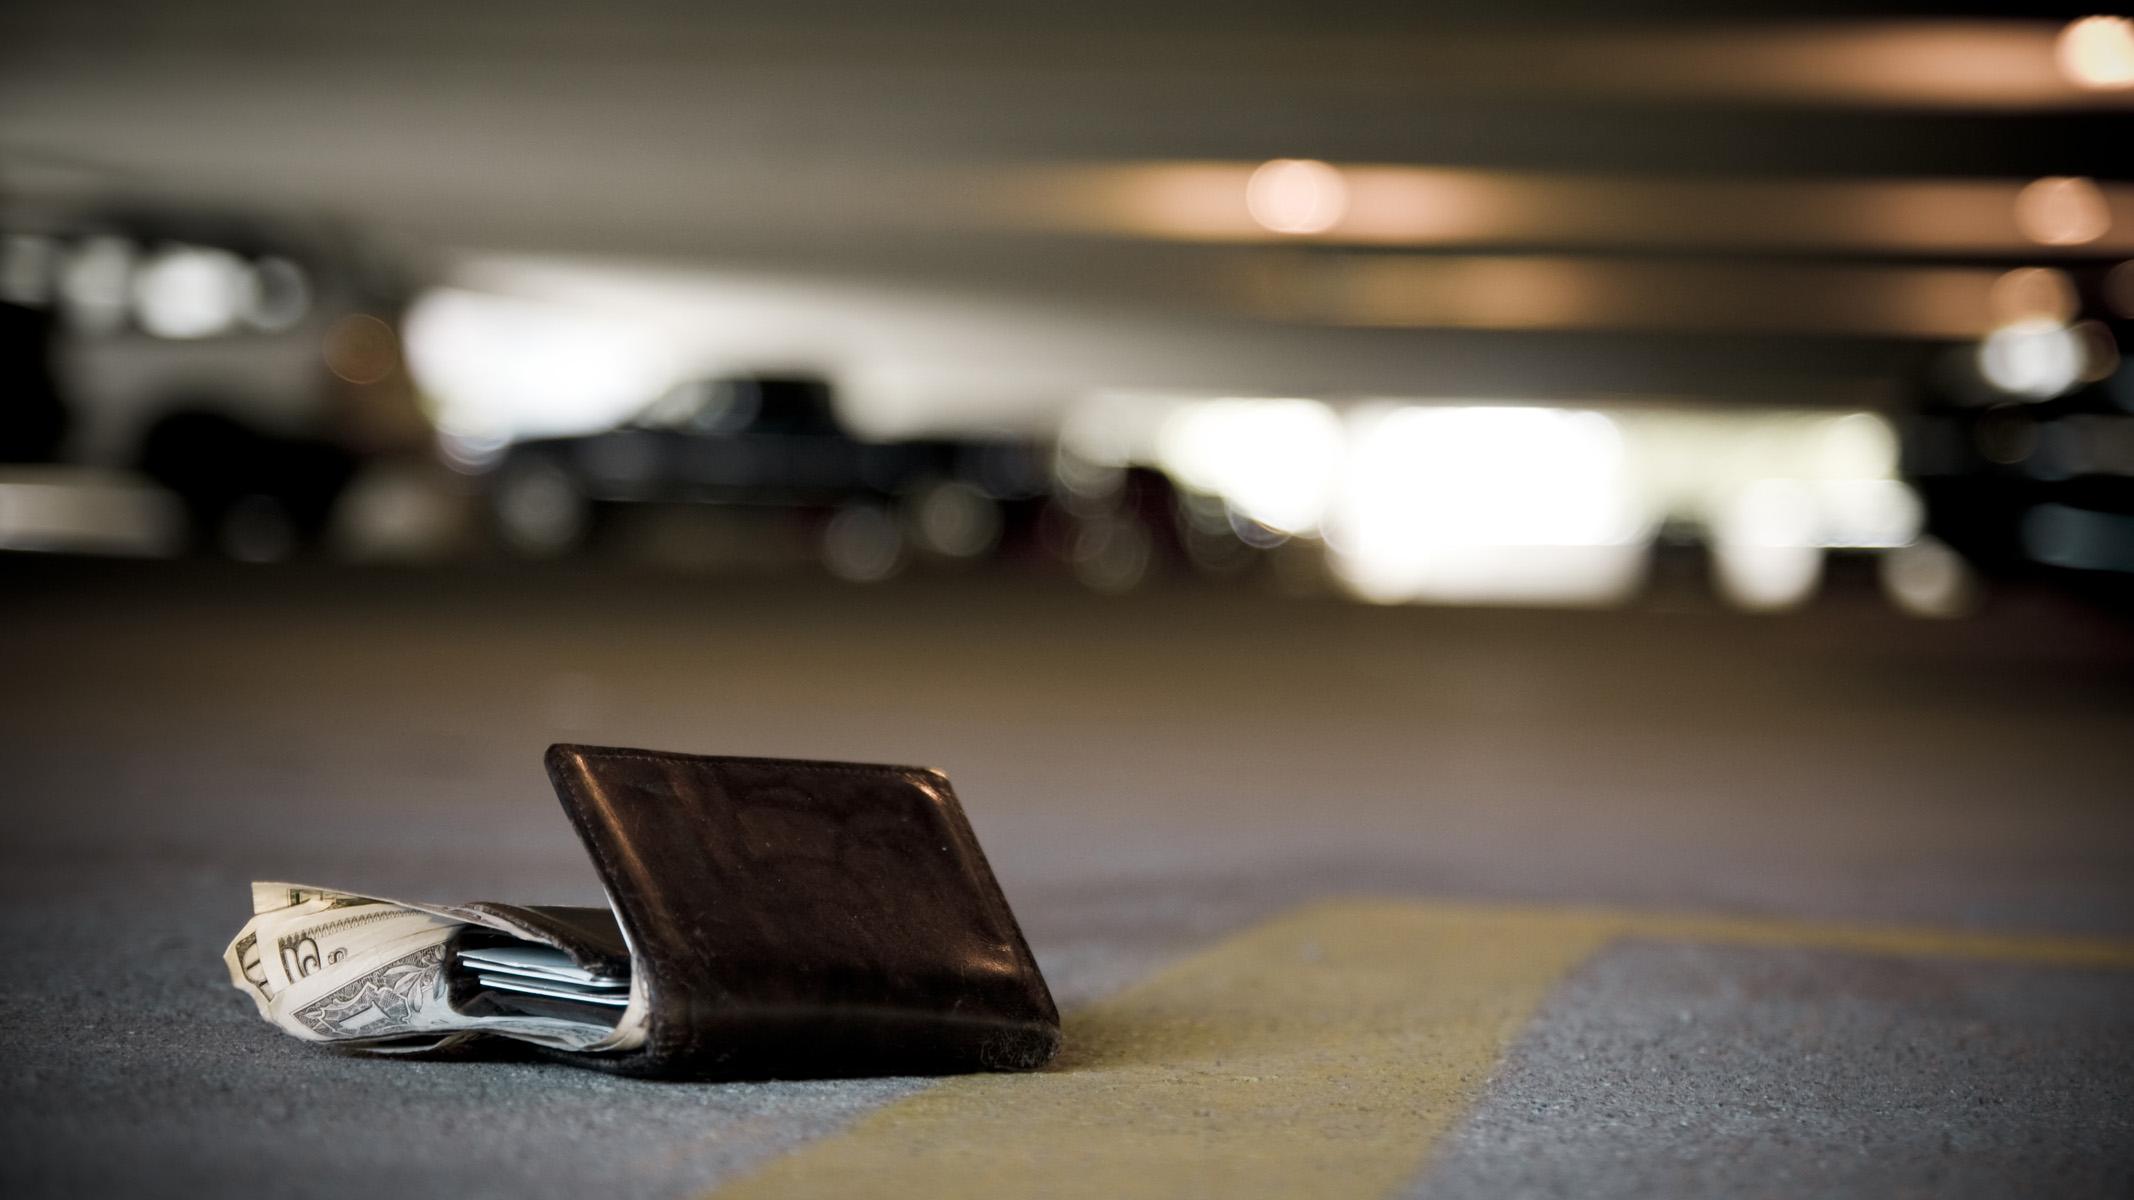 Wallet_on_ground.jpg